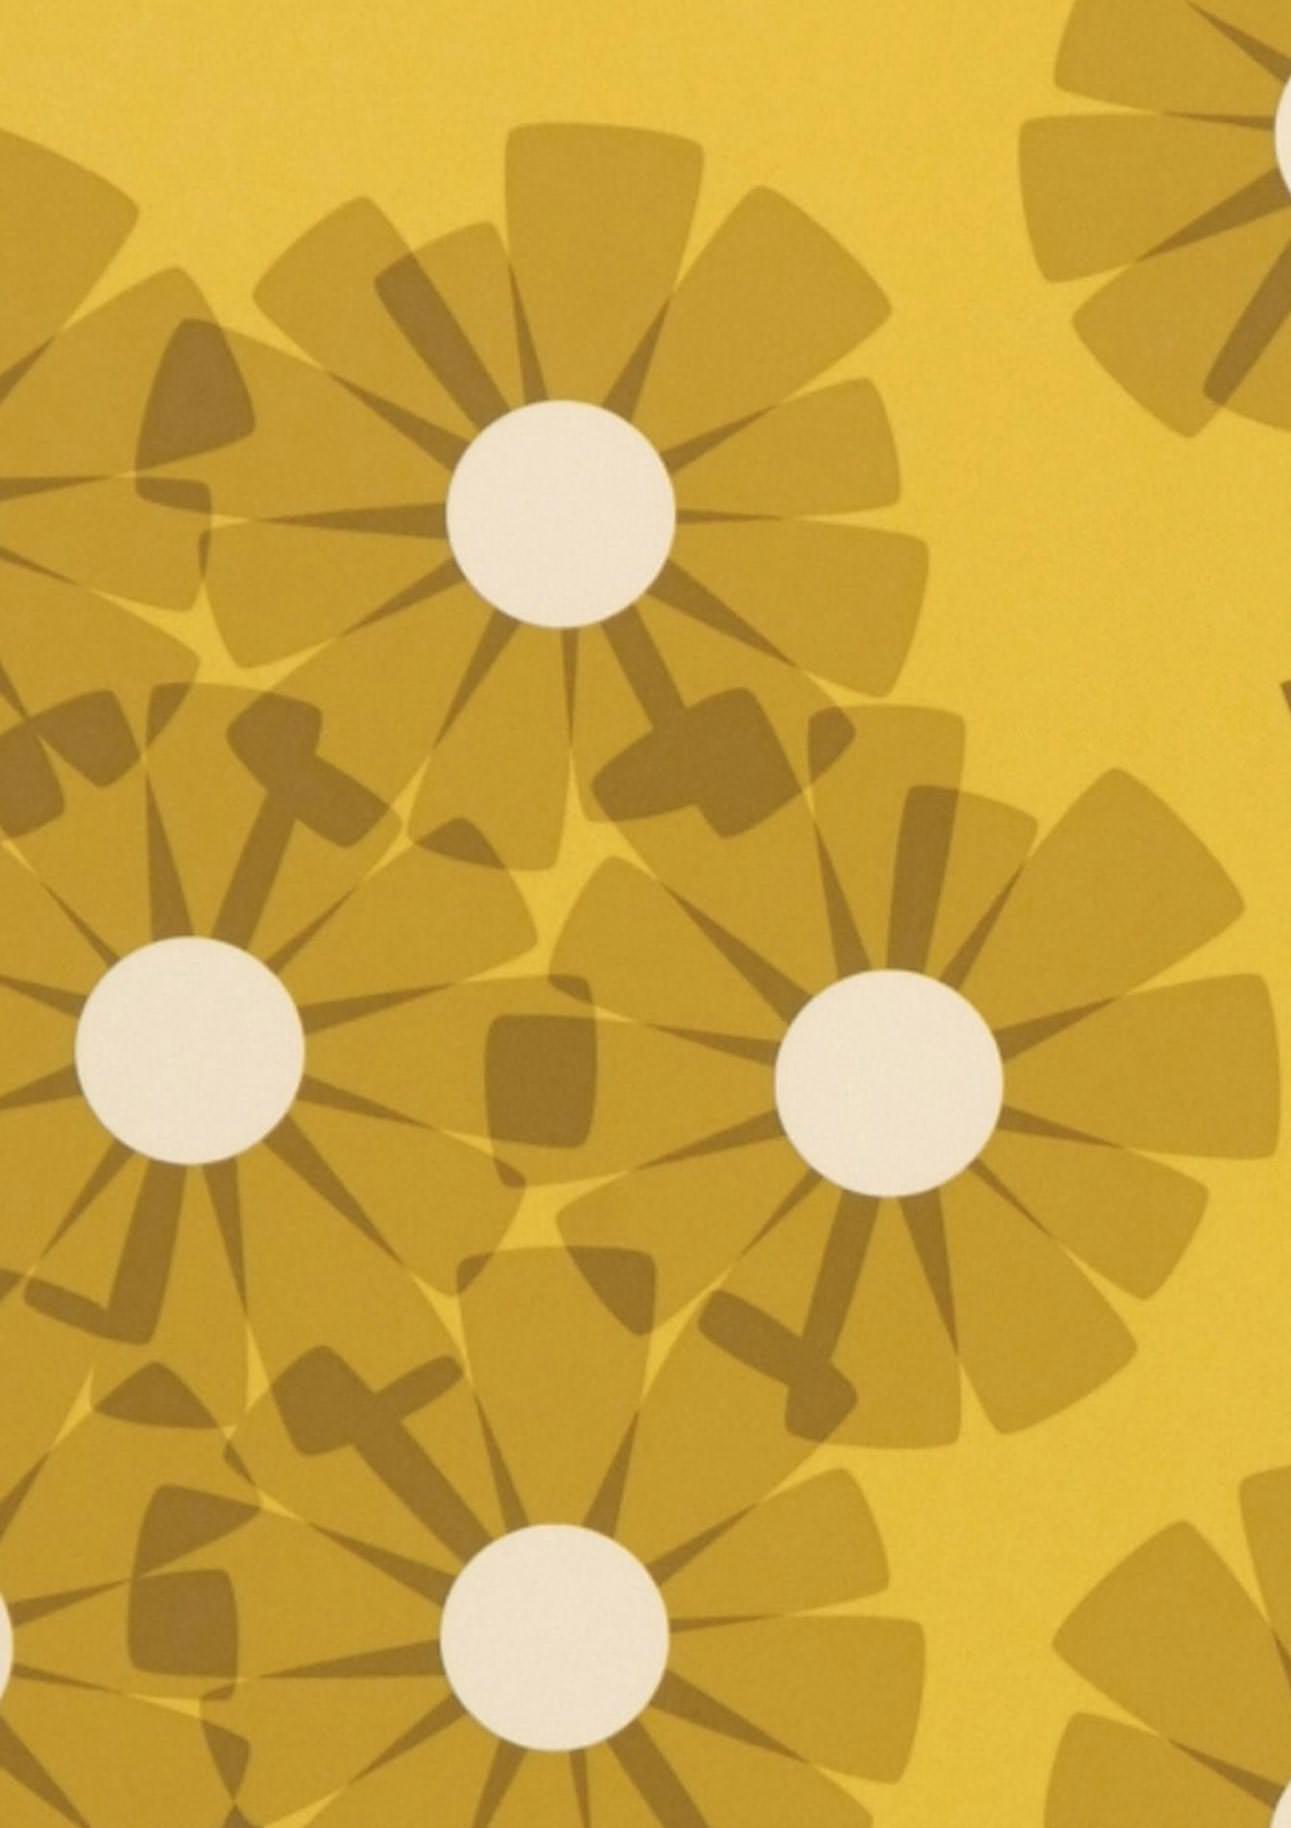 Ostara amarillo miel blanco crema marr n gris ceo for Muestras color arena